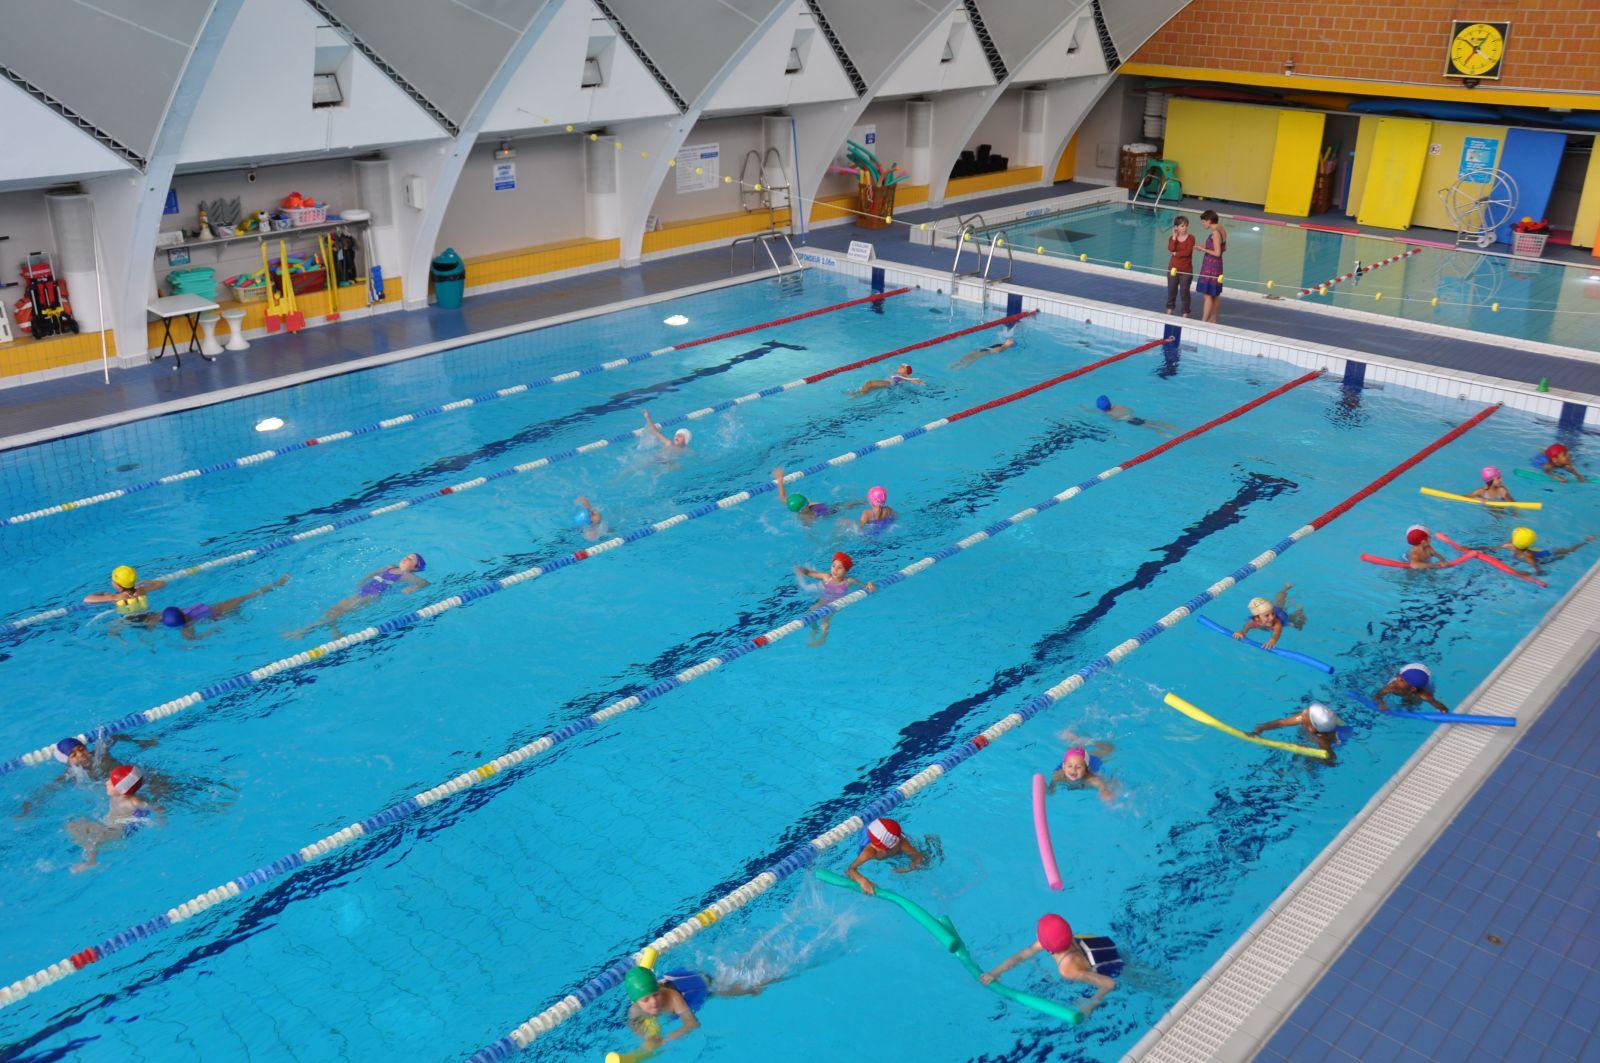 piscine robert belvaux | le perreux-sur-marne